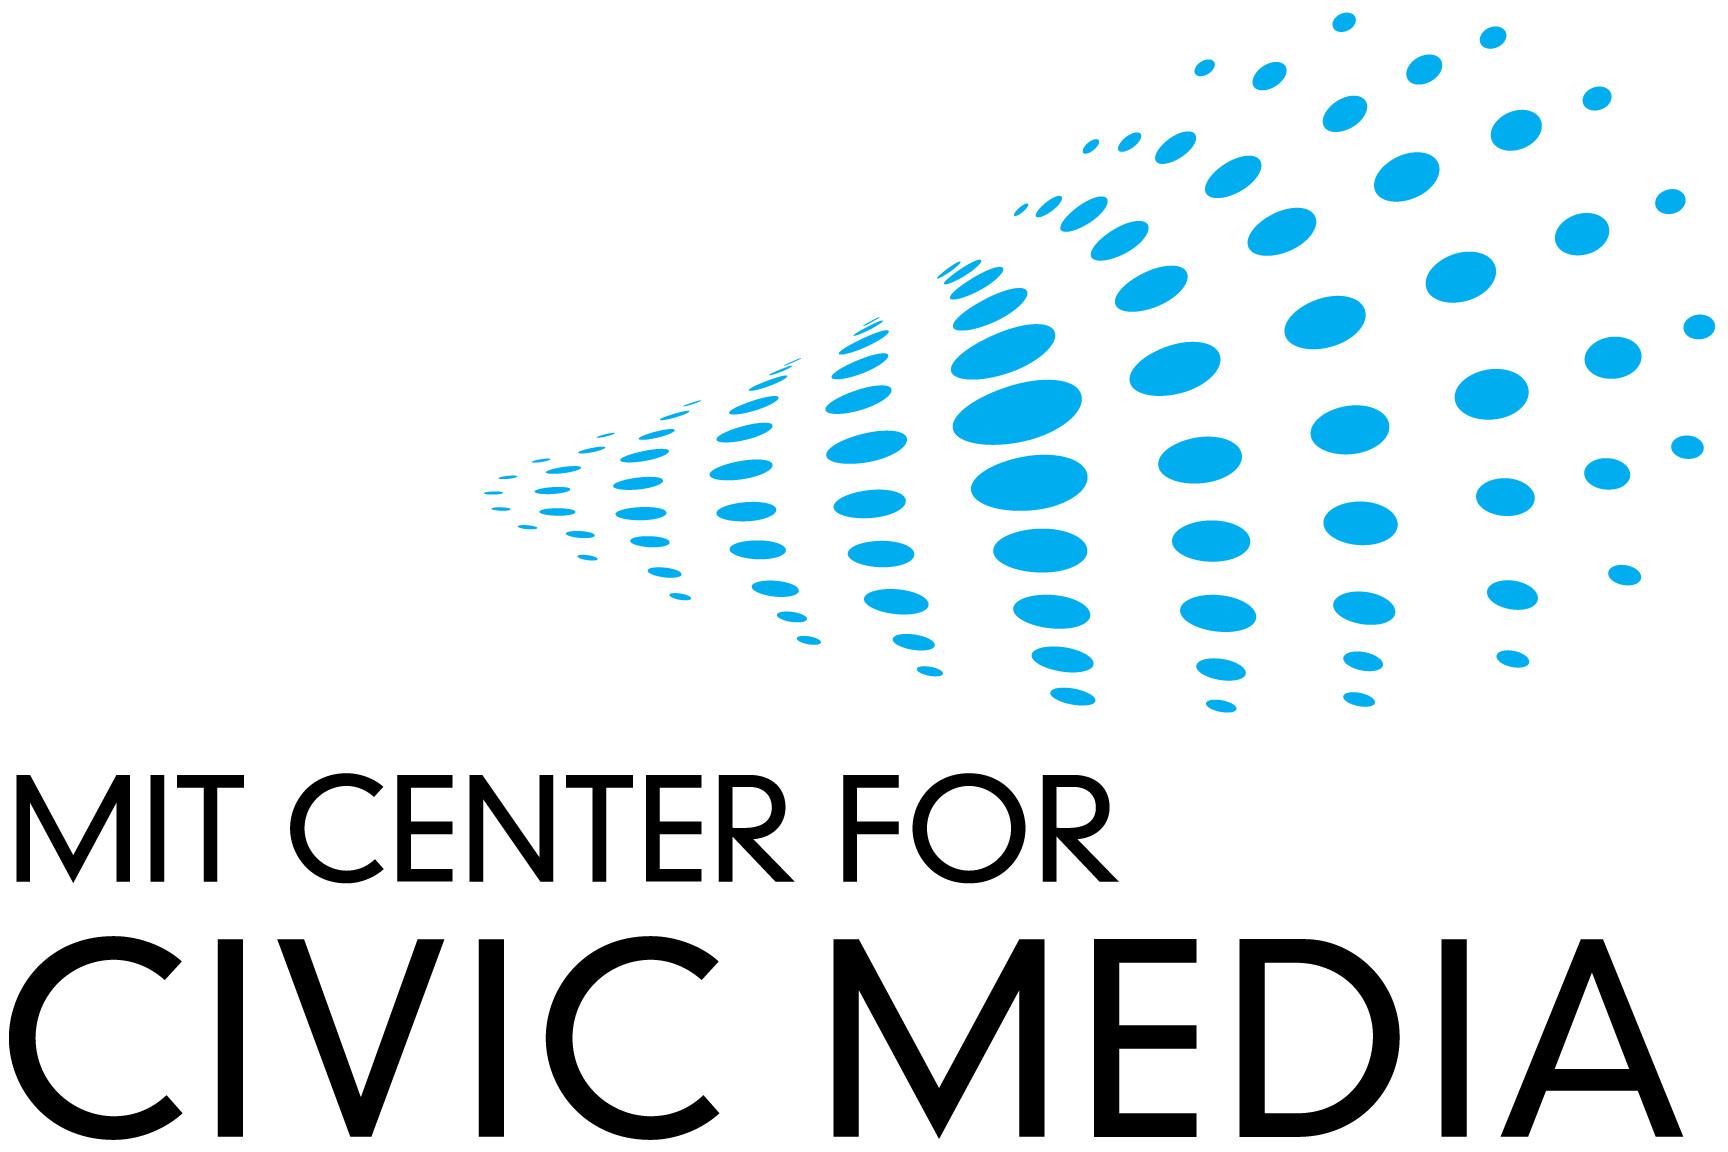 C4_Civic_Media_logo.jpg